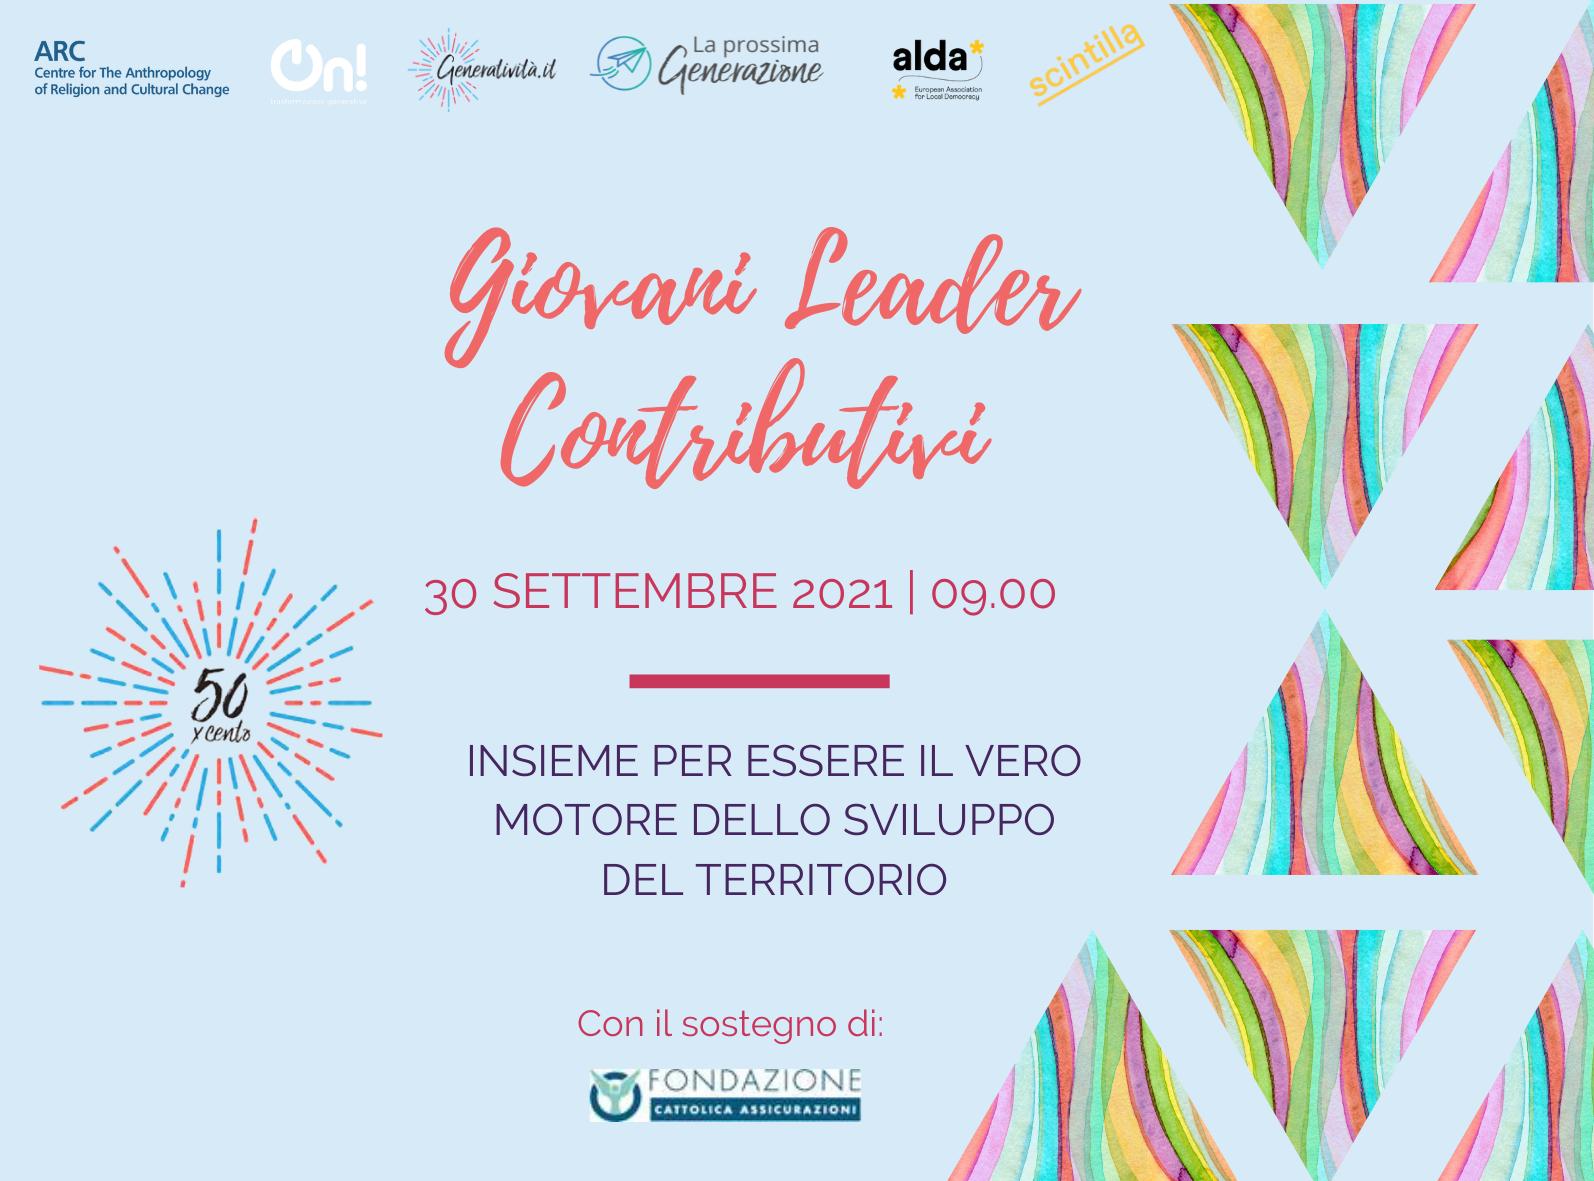 50xcento | Giovani Leader Contributivi cercasi!